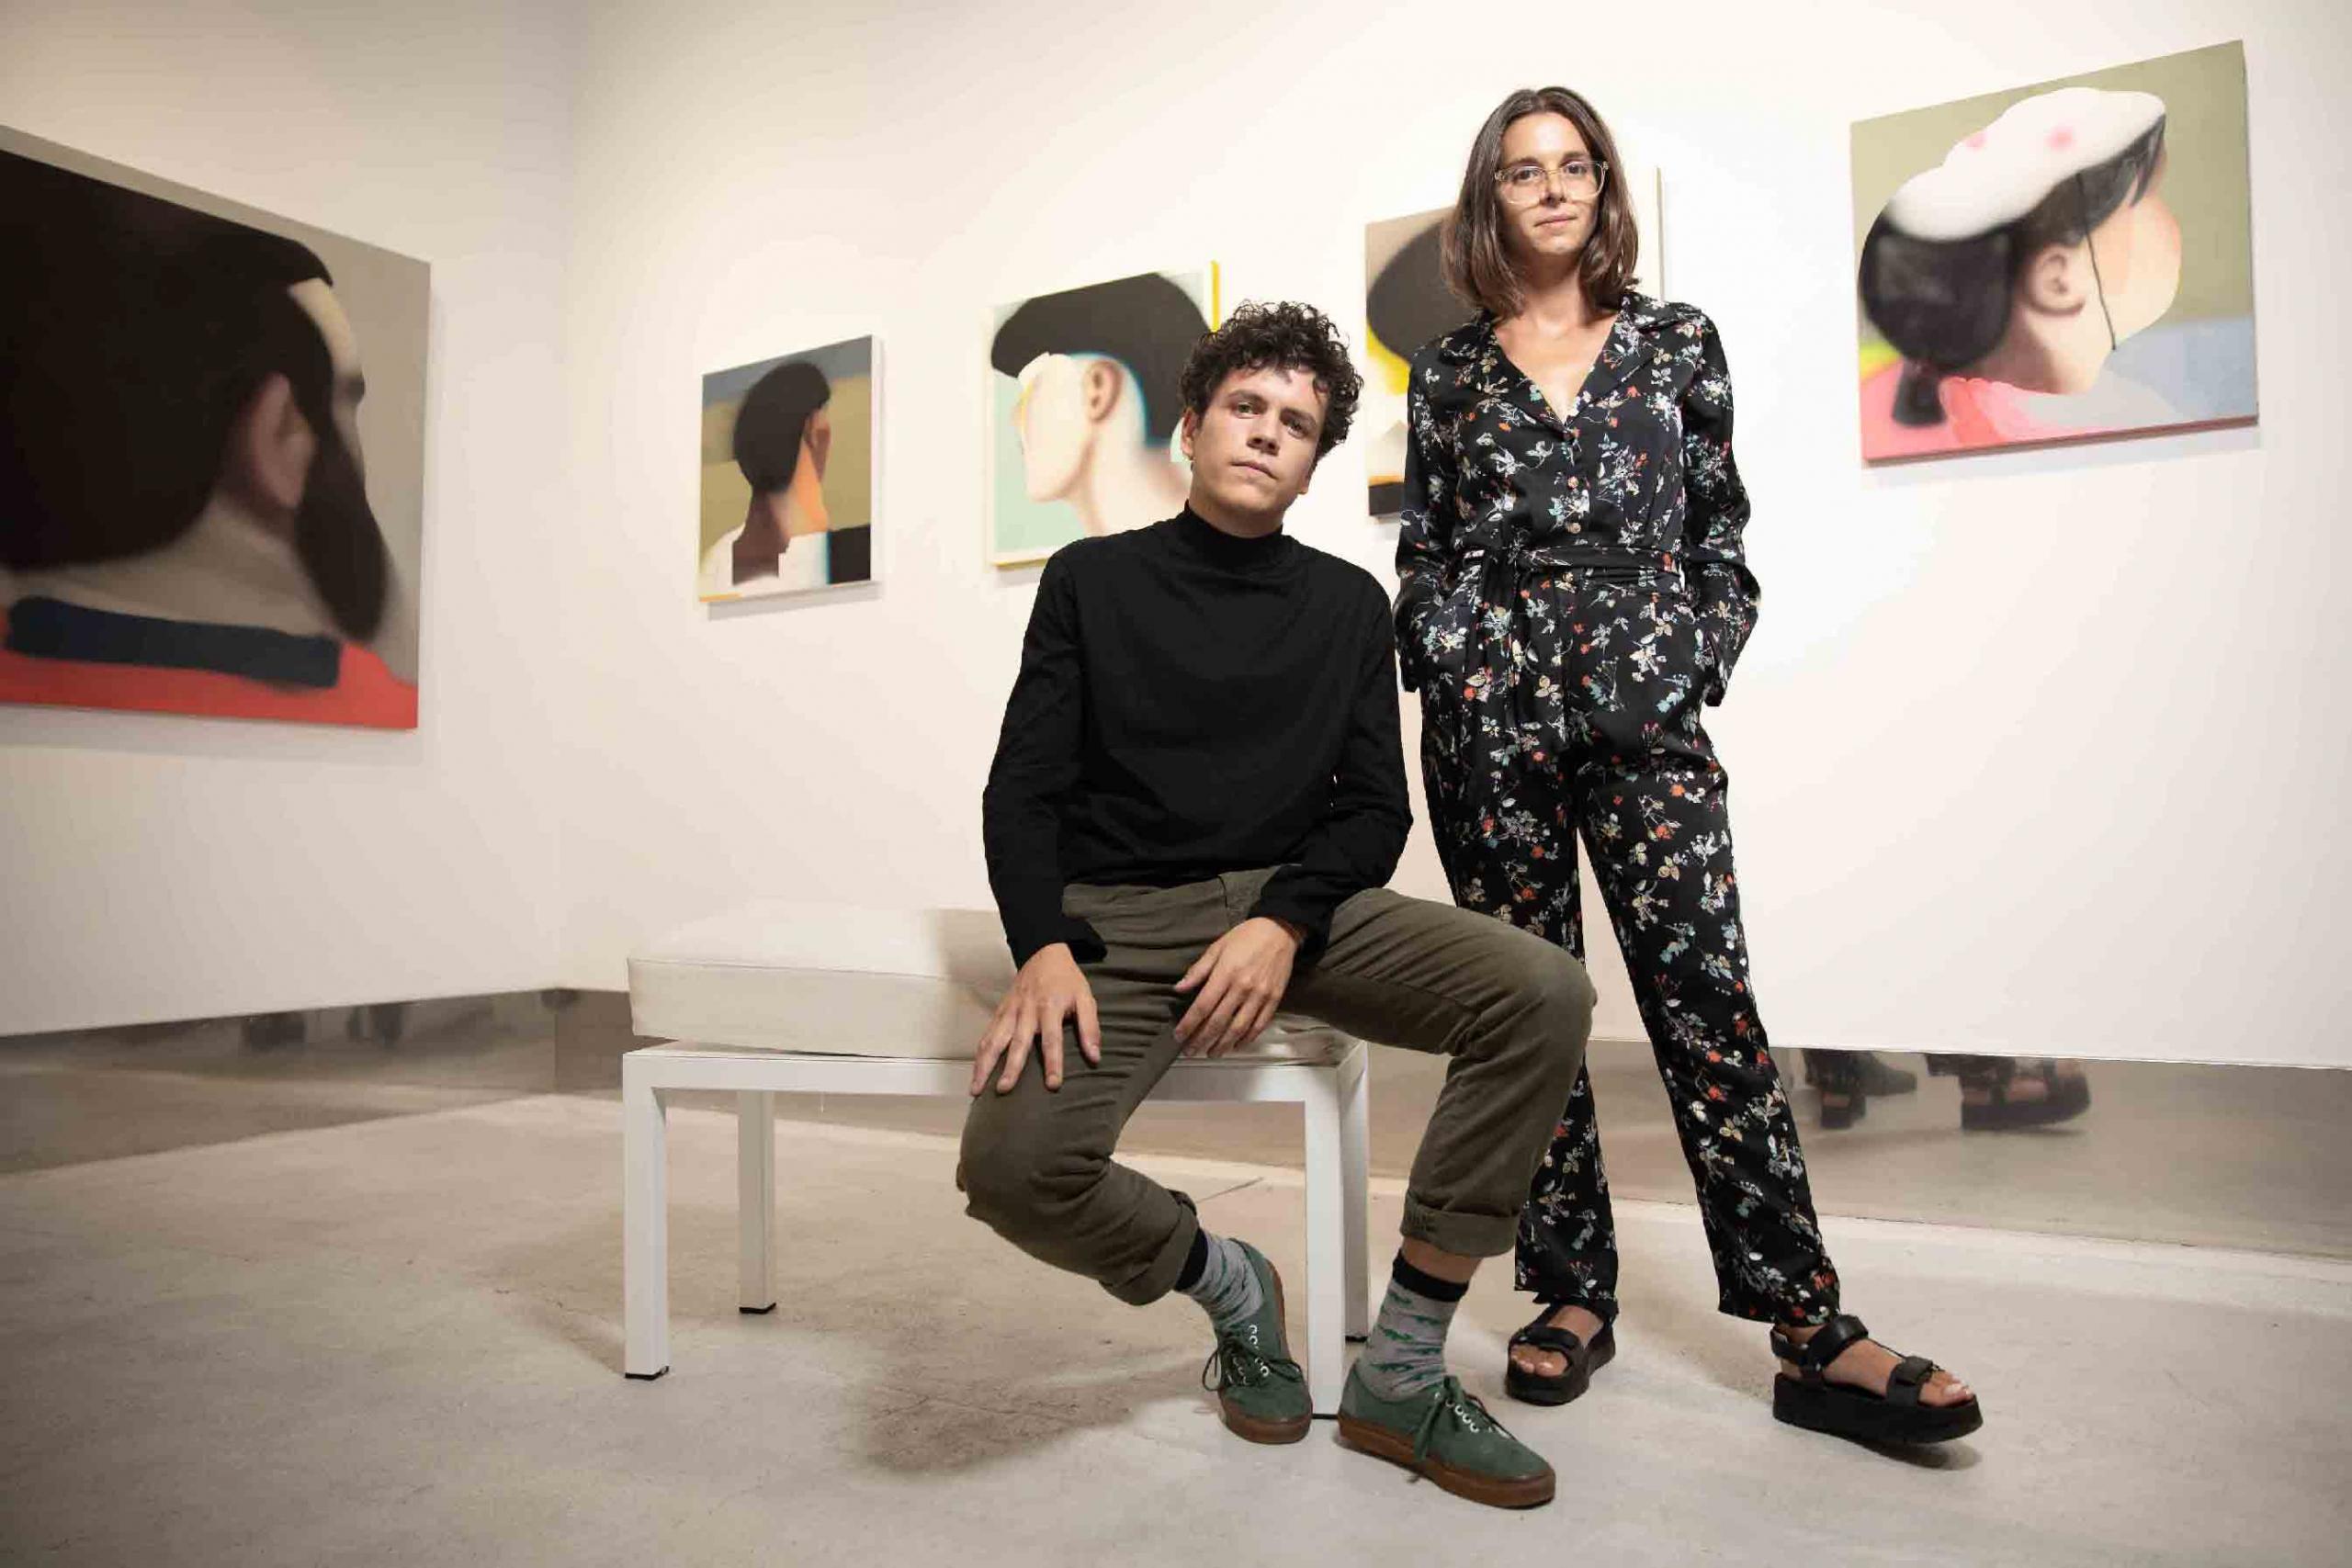 Pablo Méndez y Manuela Medina. Fotografia Carlos Pina